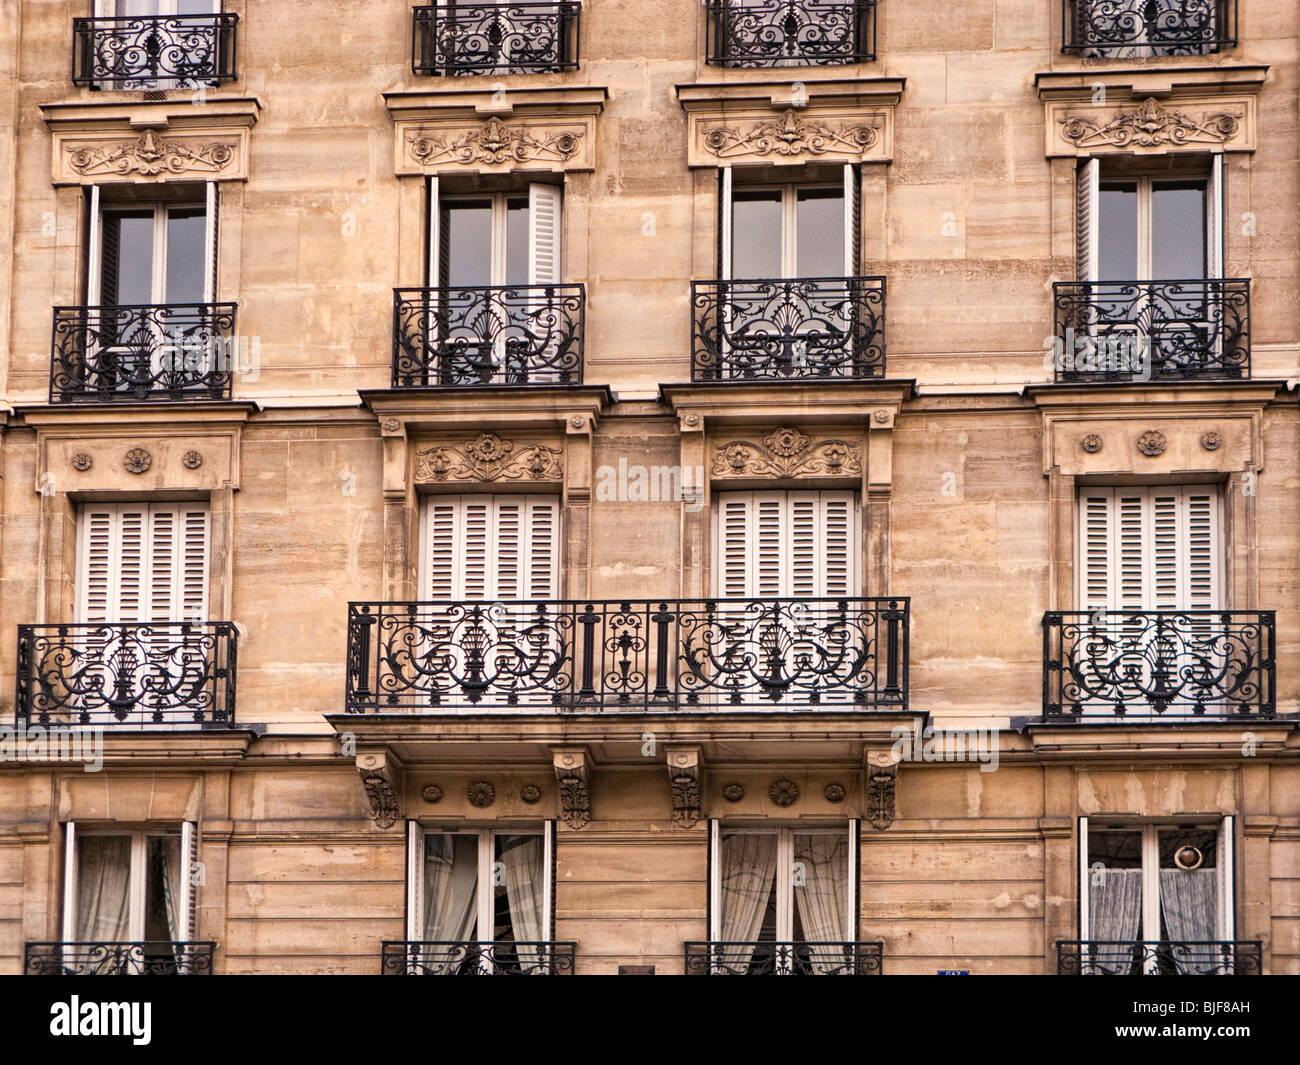 Bloque de apartamentos ornamentadas exteriores con balcón en París, Francia, Europa Imagen De Stock